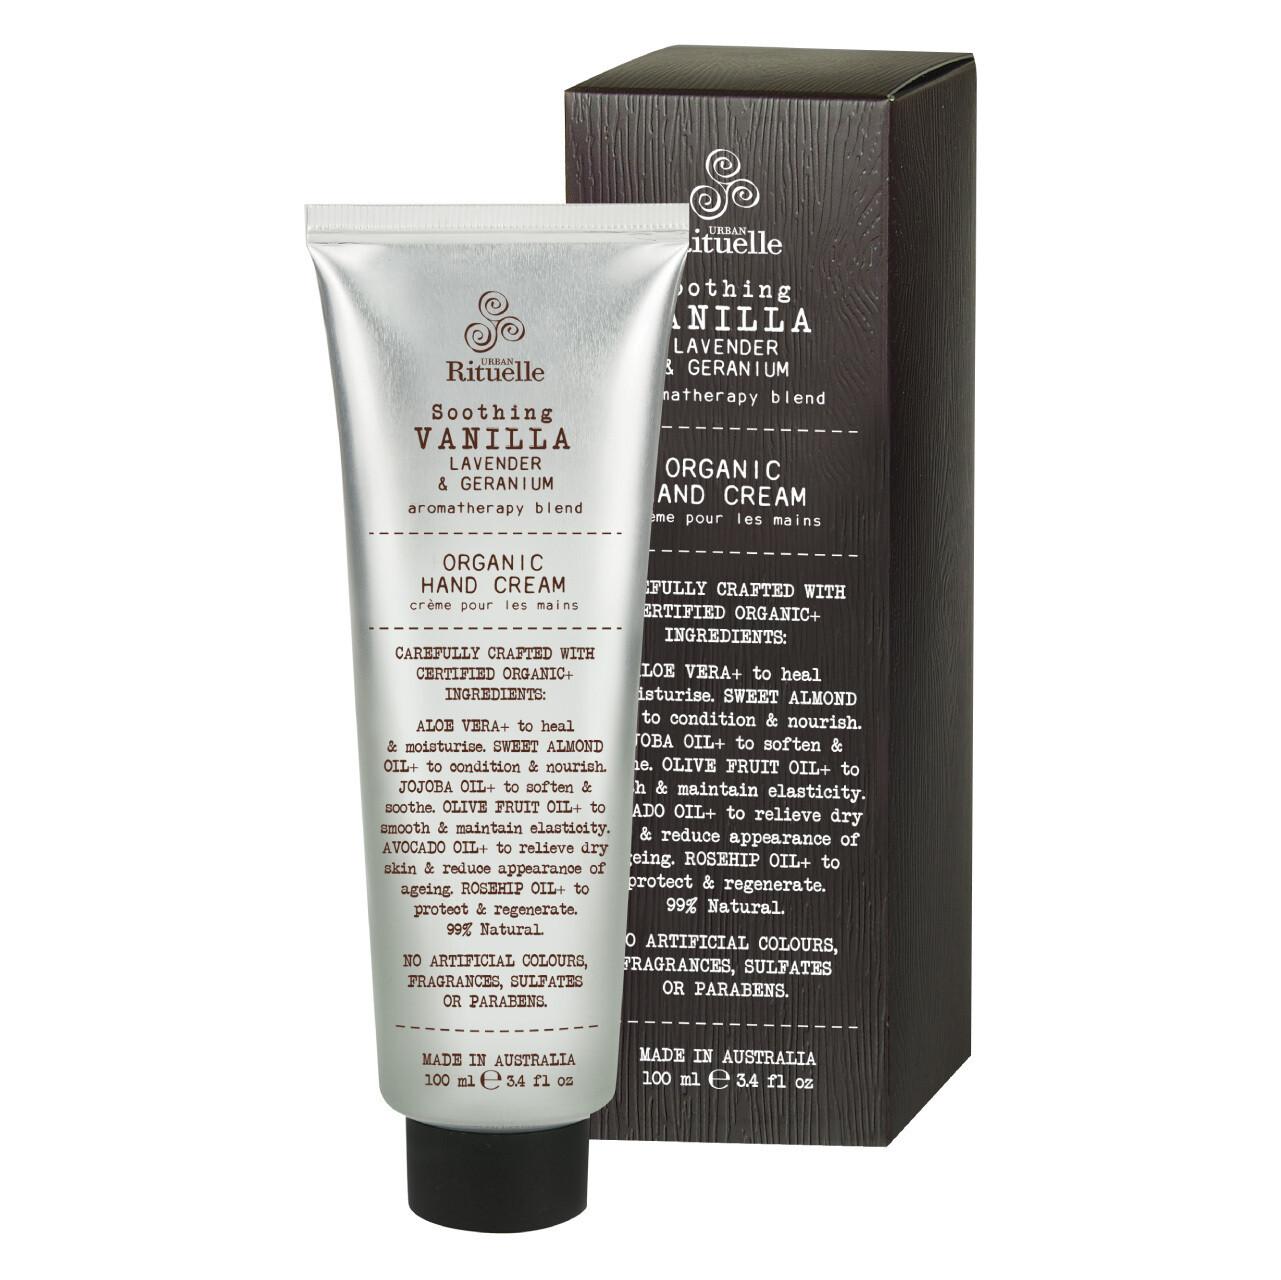 Urban Rituelle - Vanilla, Lavender & Geranium - Organic Hand Cream